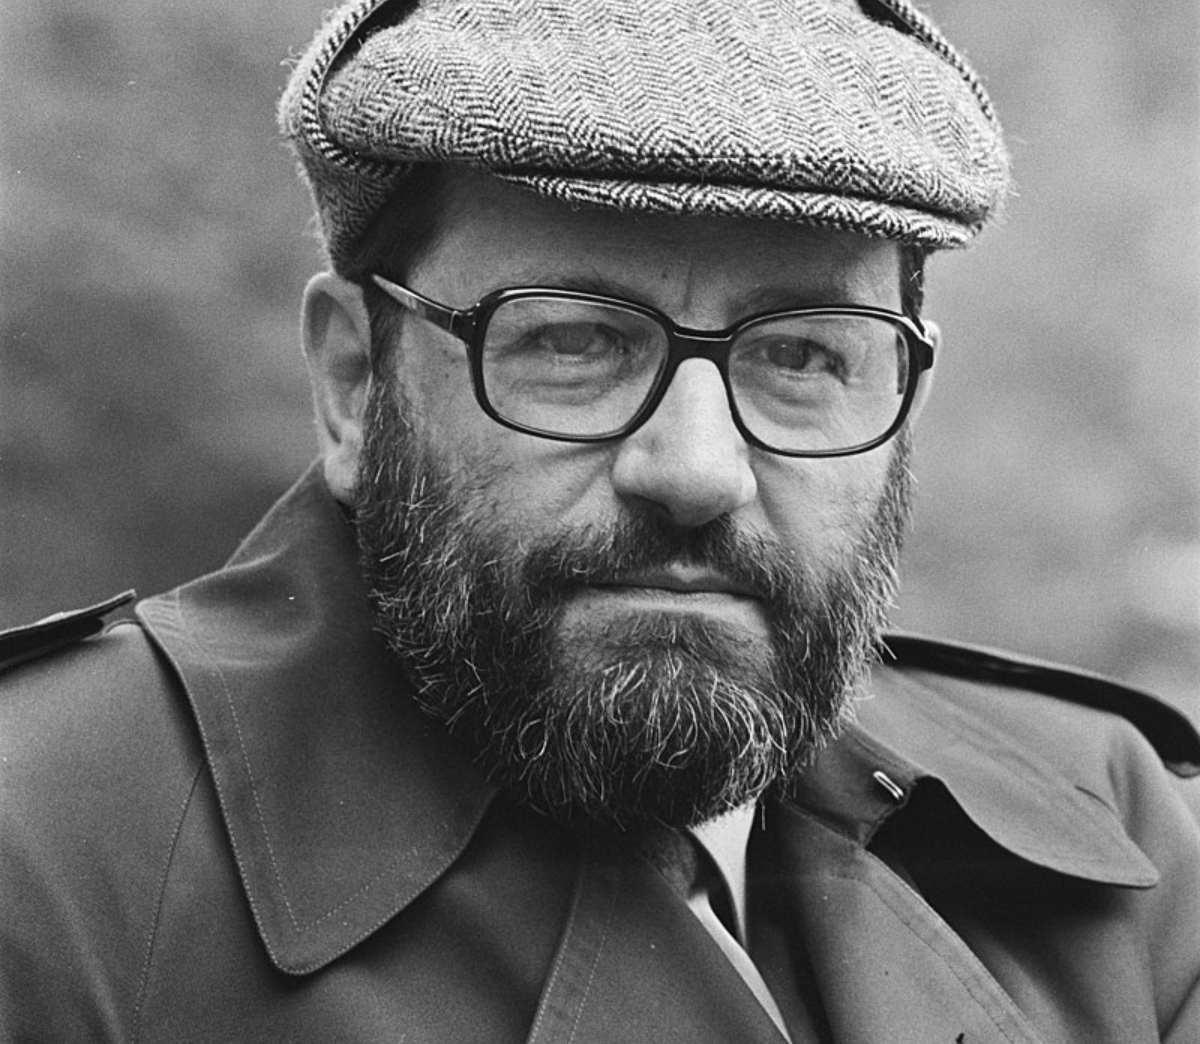 Descubre las mejores frases de Umberto Eco en el día de su nacimiento 5 de enero